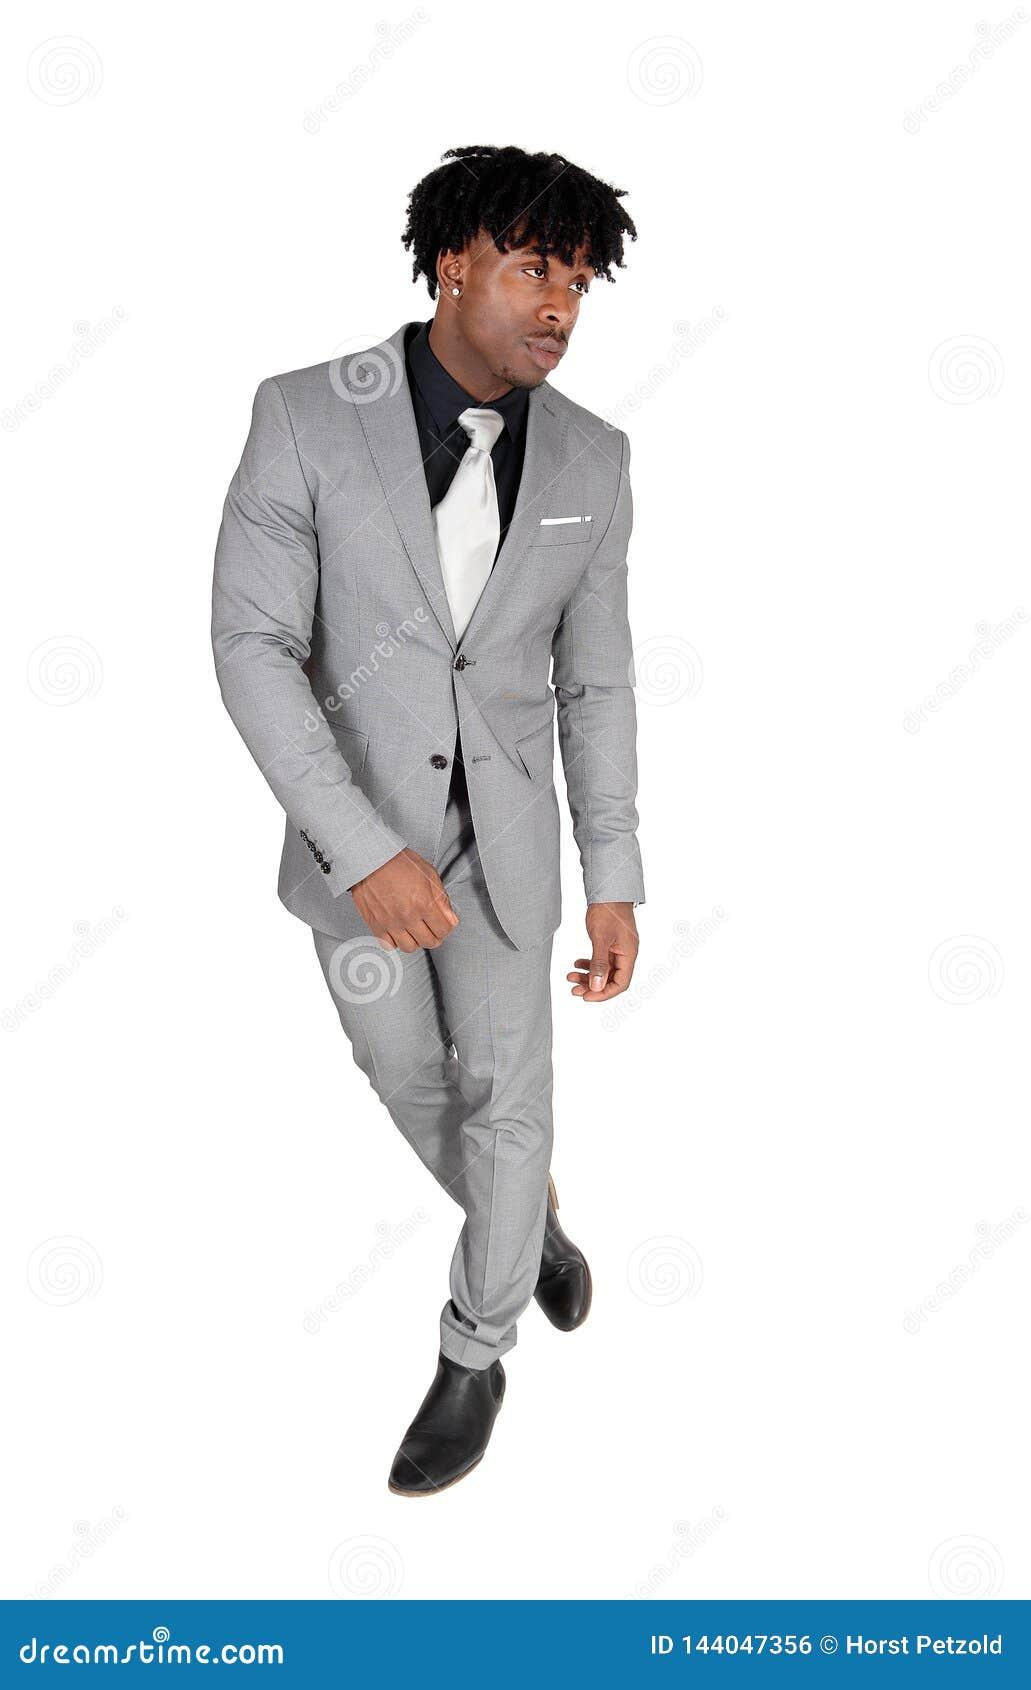 Tanzender schwarzer Mann in einem grauen Anzug mit dem unnötig geschäftigen schwarzen Haar